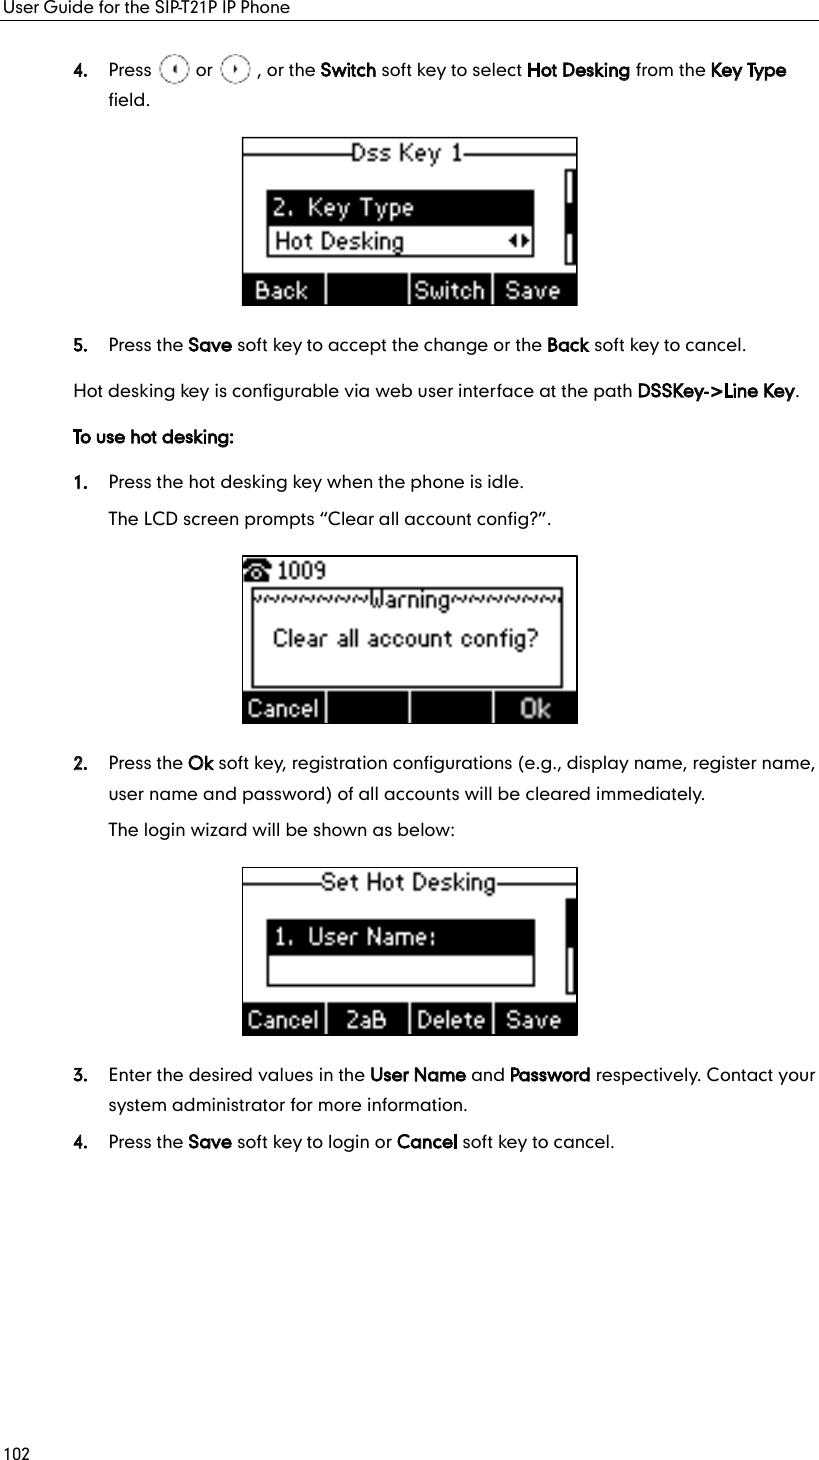 YEALINK T21P IP Phone User Manual